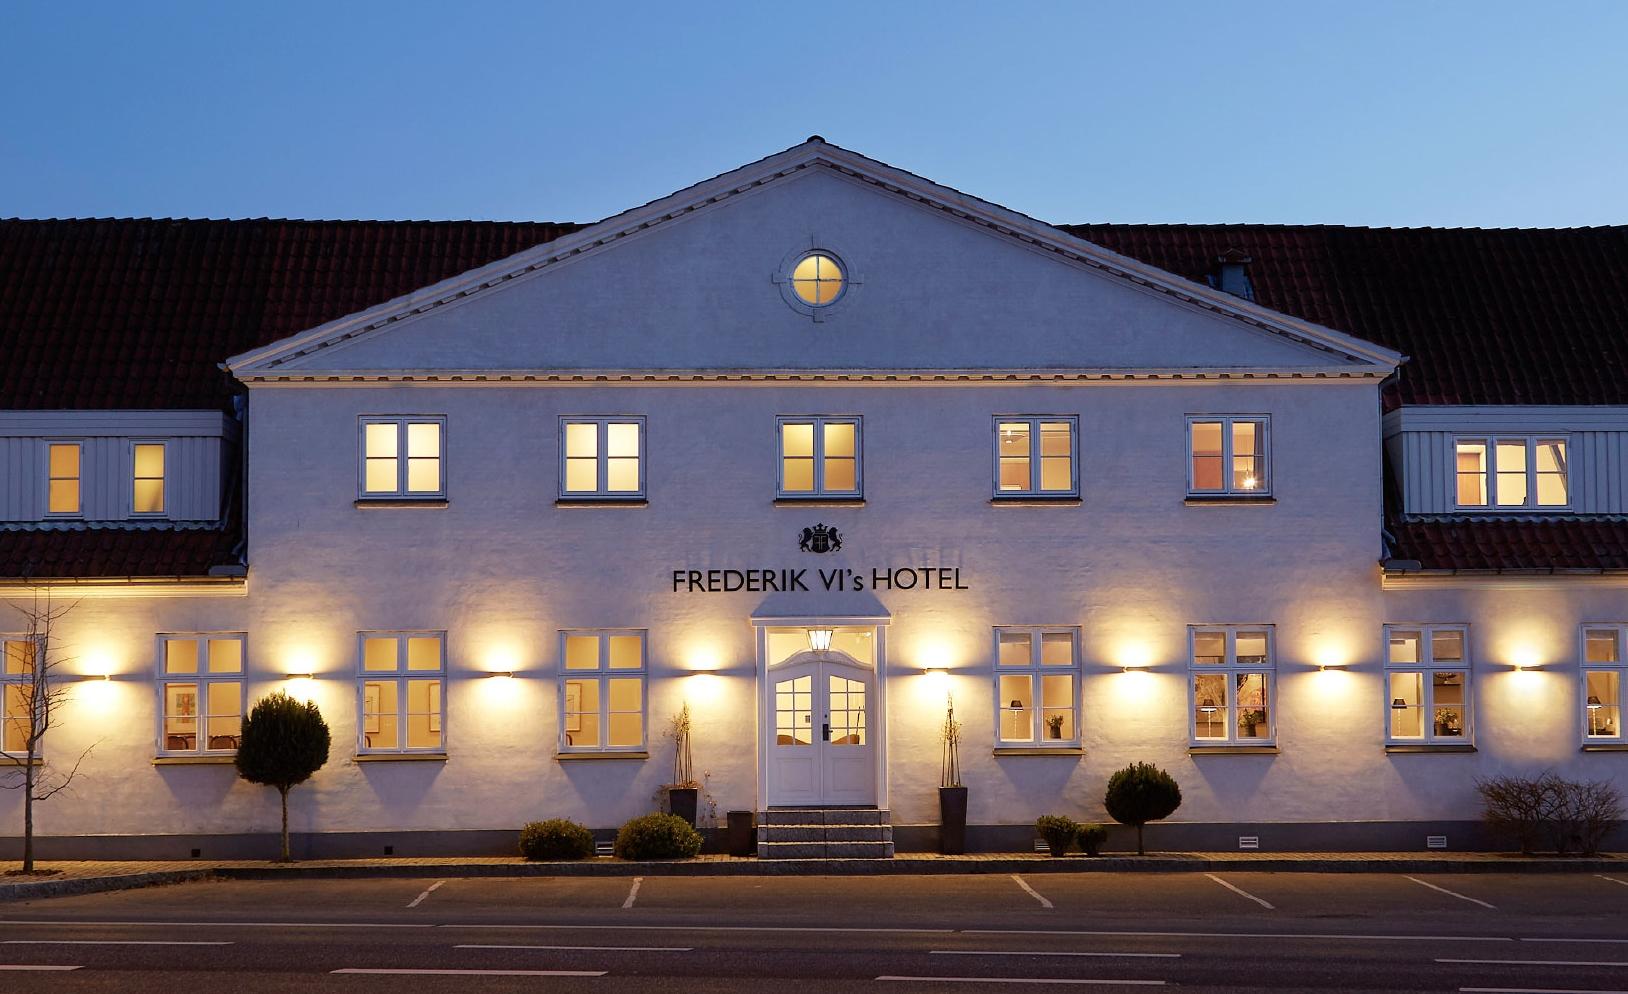 Frederik VI's Hotel i udkanten af Odense har 62 værelser og er blandt de nyeste medlemmer hos Small Danish Hotels. Foto: Frederik VI's Hotel.